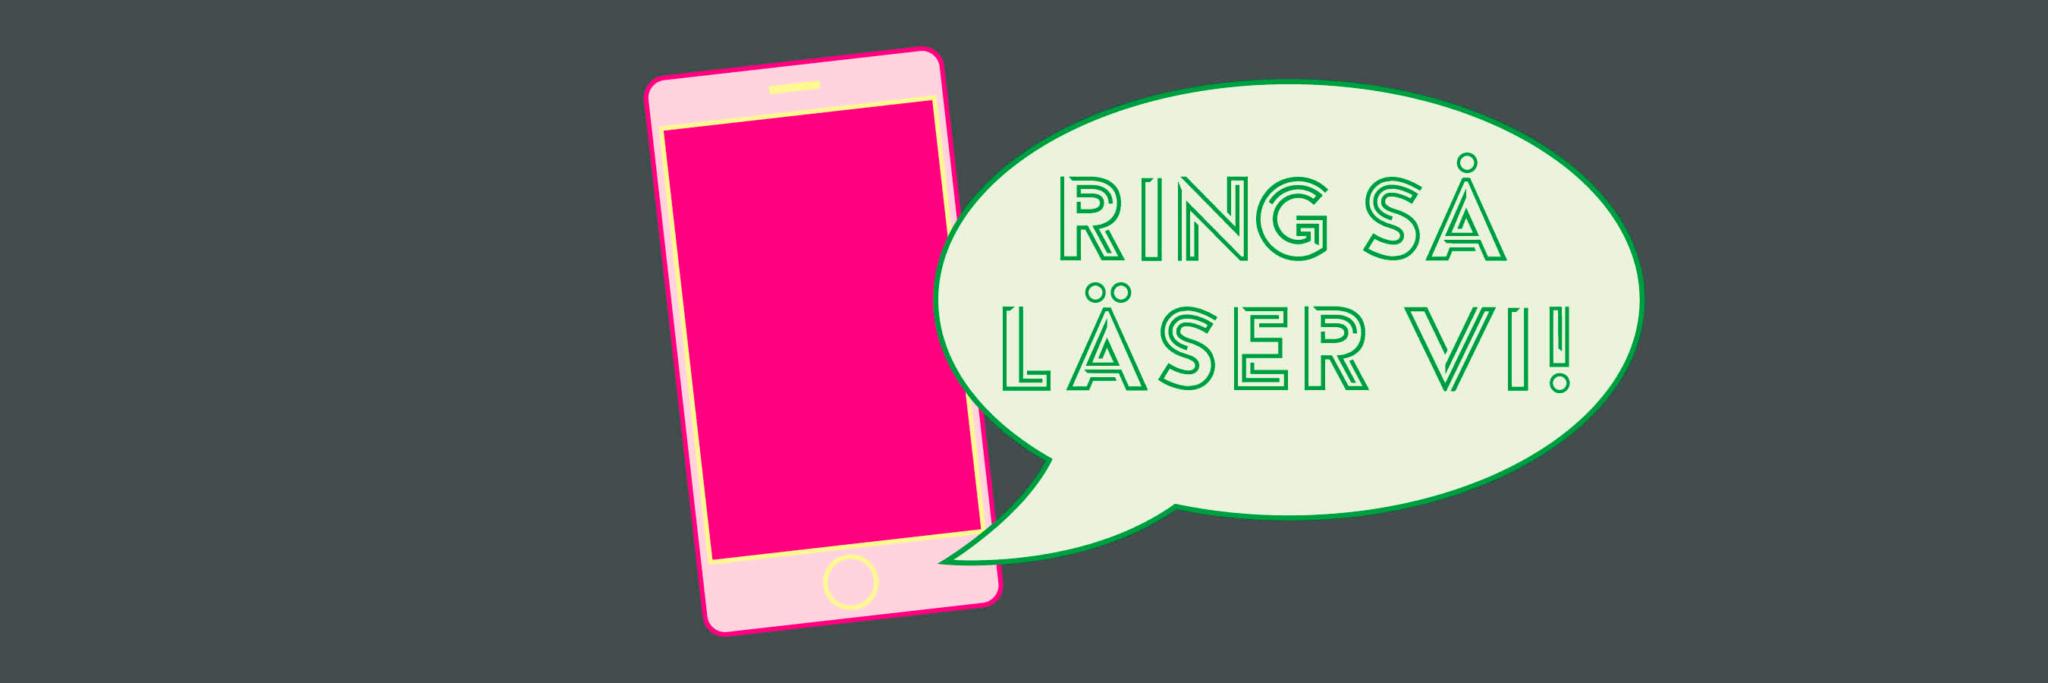 Nu återupptar vi vårens populära distansmöte Ring så läser vi!